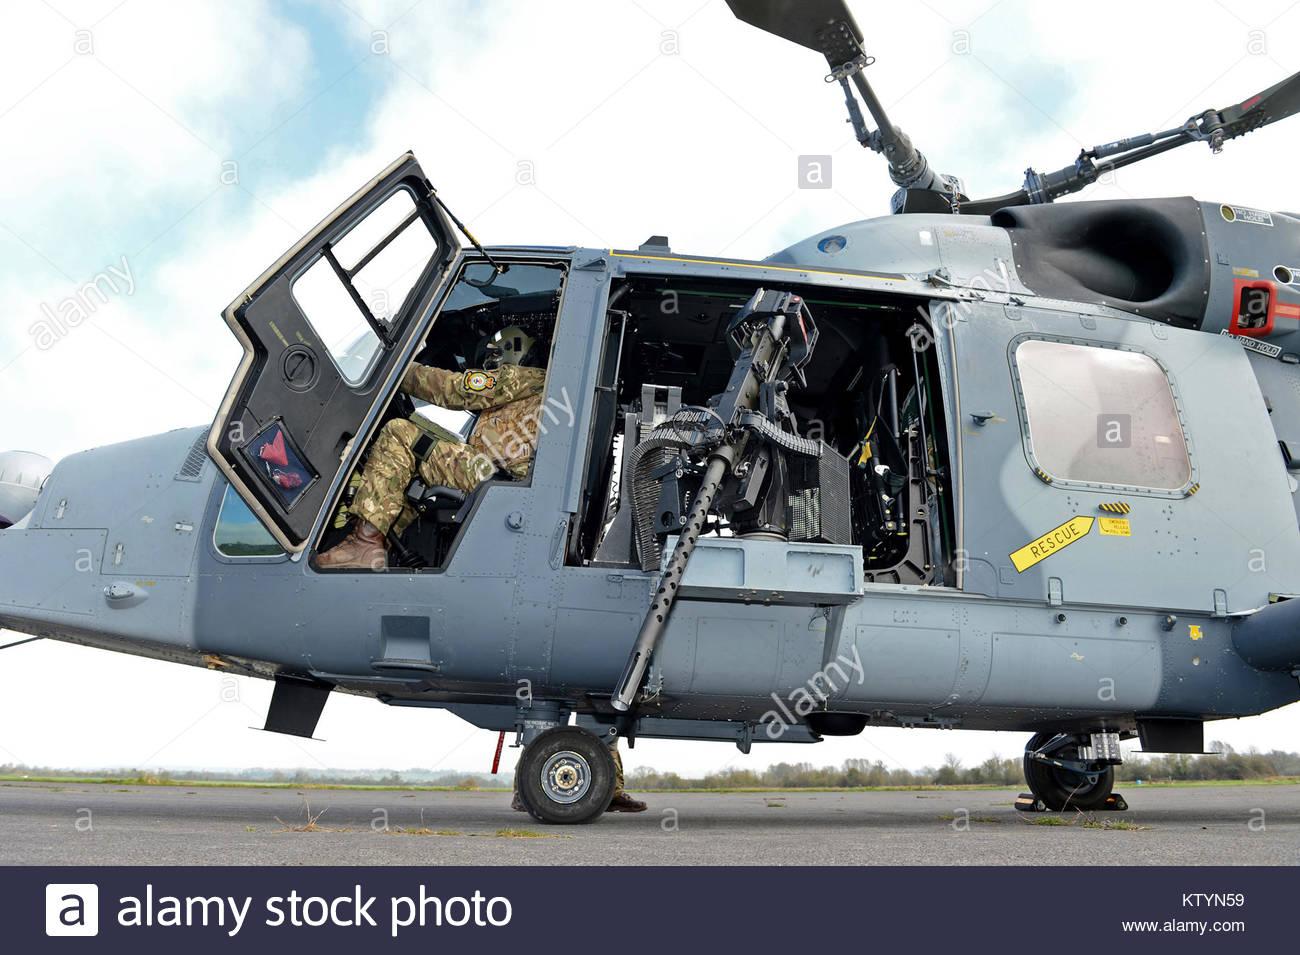 L Elicottero Posizione : Nella foto è un esercito aria corps aac wildcat mk elicottero